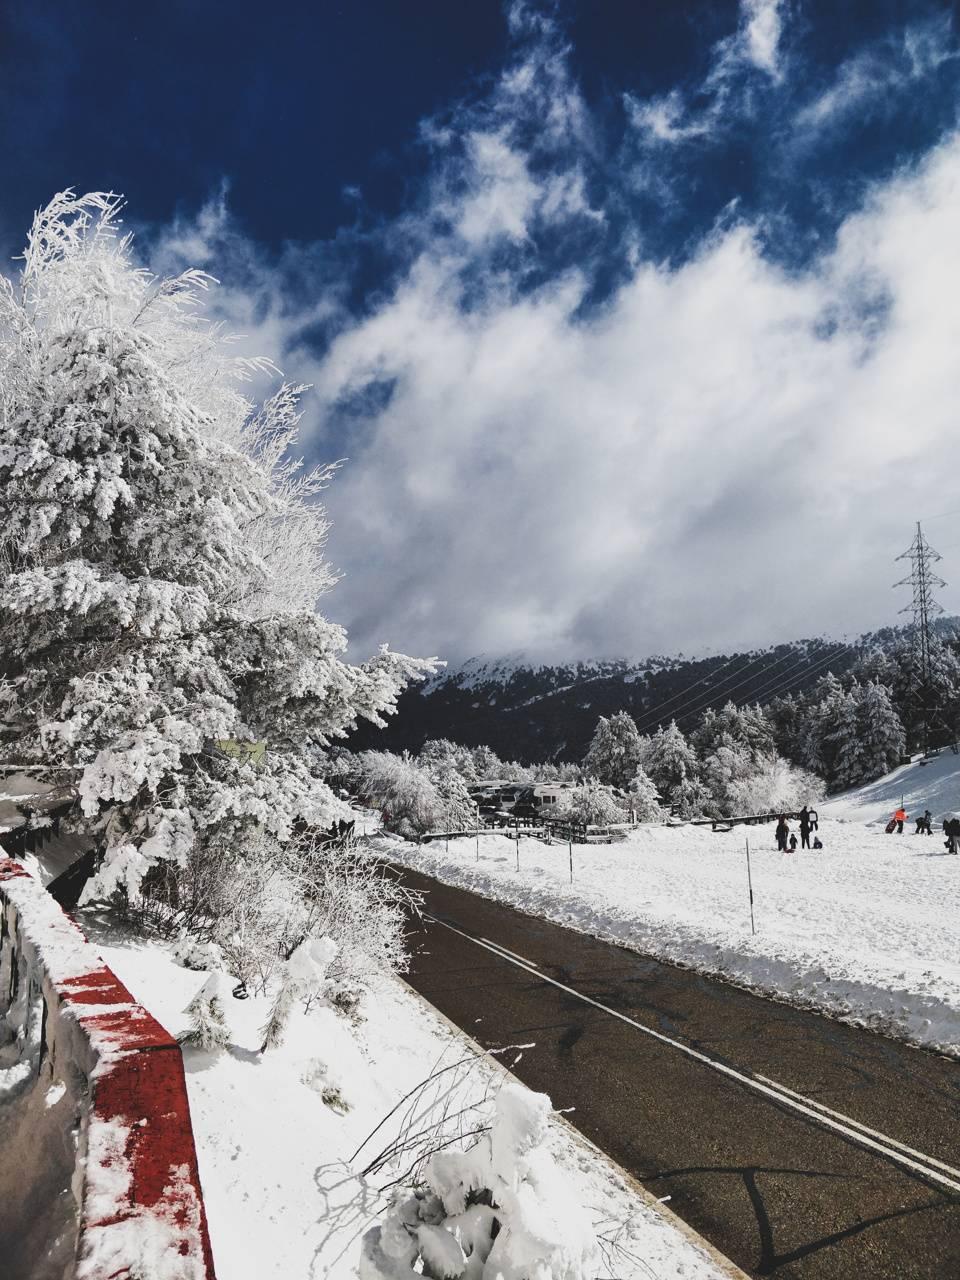 White frozen tree